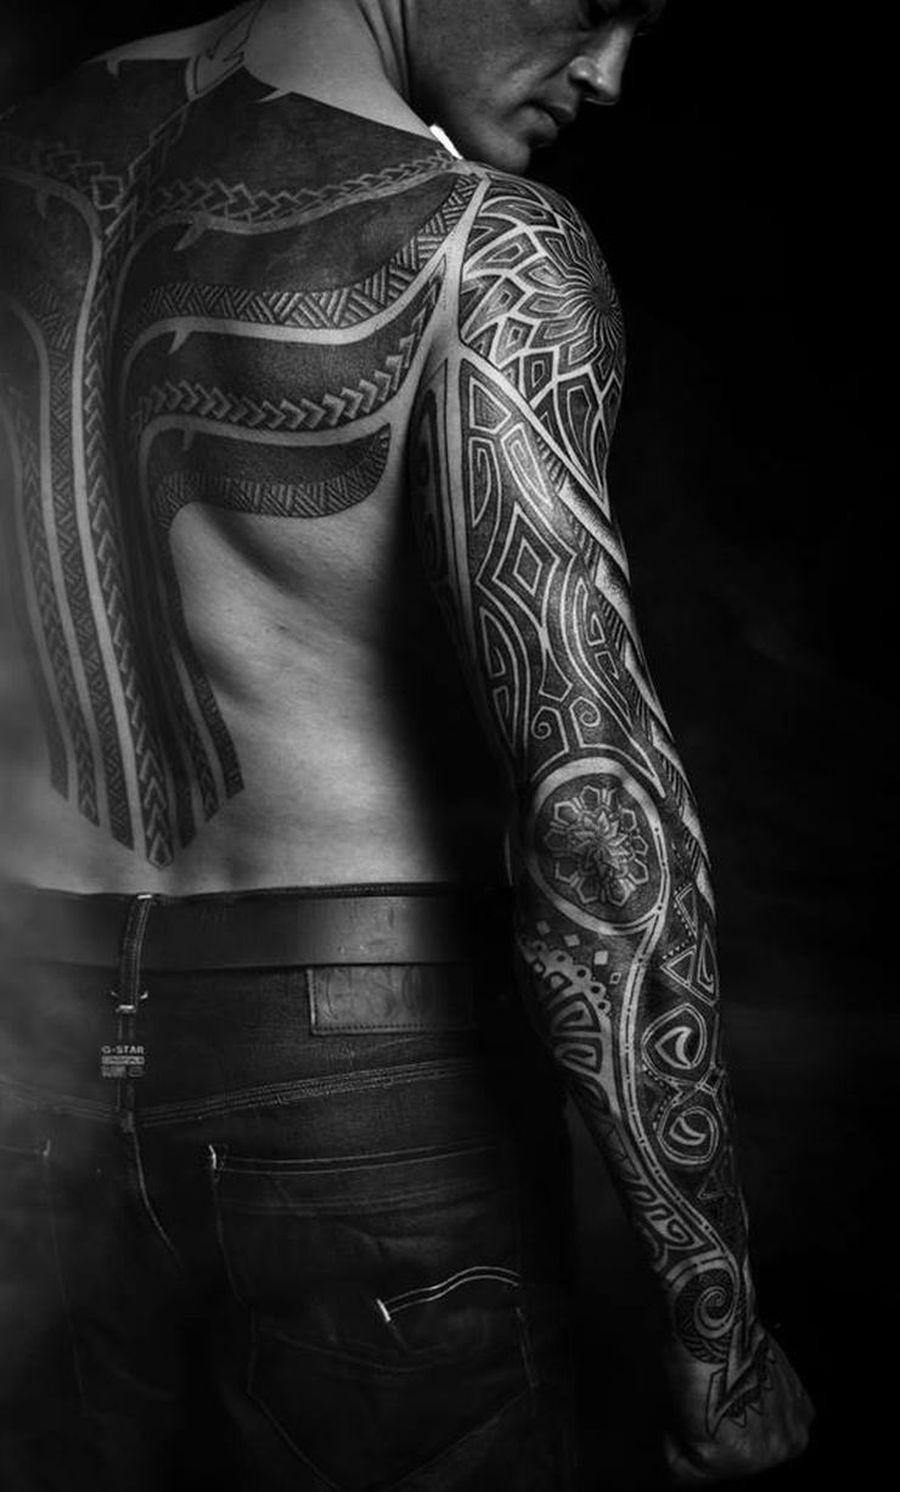 vikings inspired tattoo